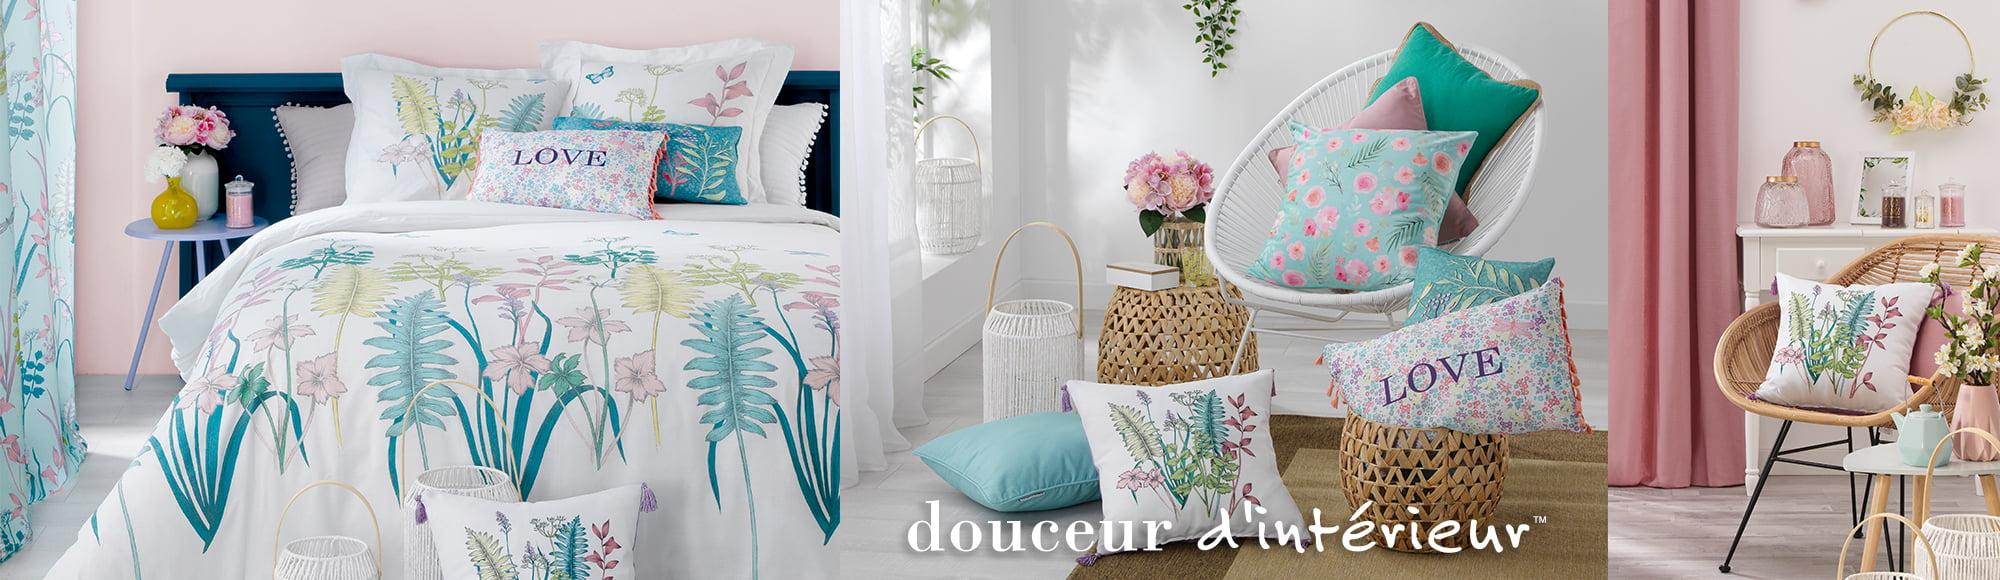 Aubervilliers Grossiste Linge De Maison u10 | fournisseur en décoration d'intérieur